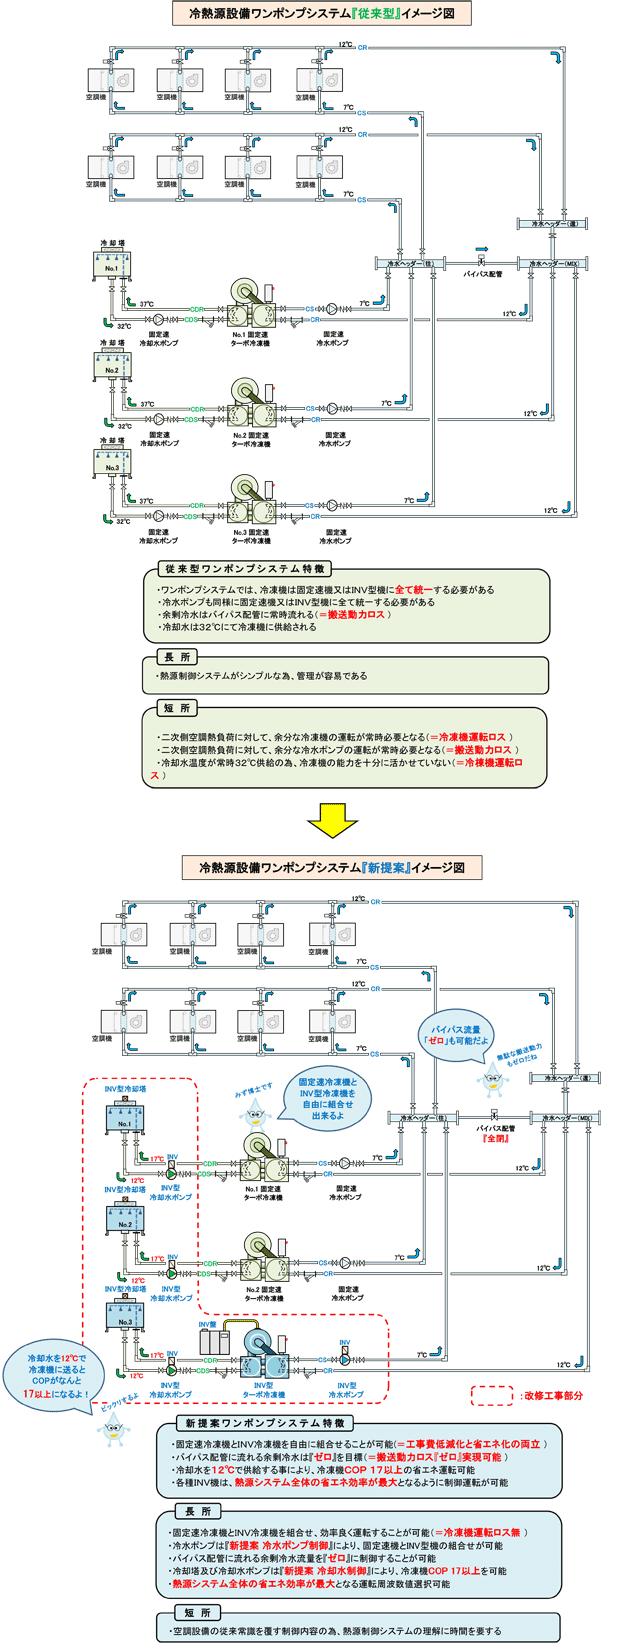 ターボ冷凍機熱源システム